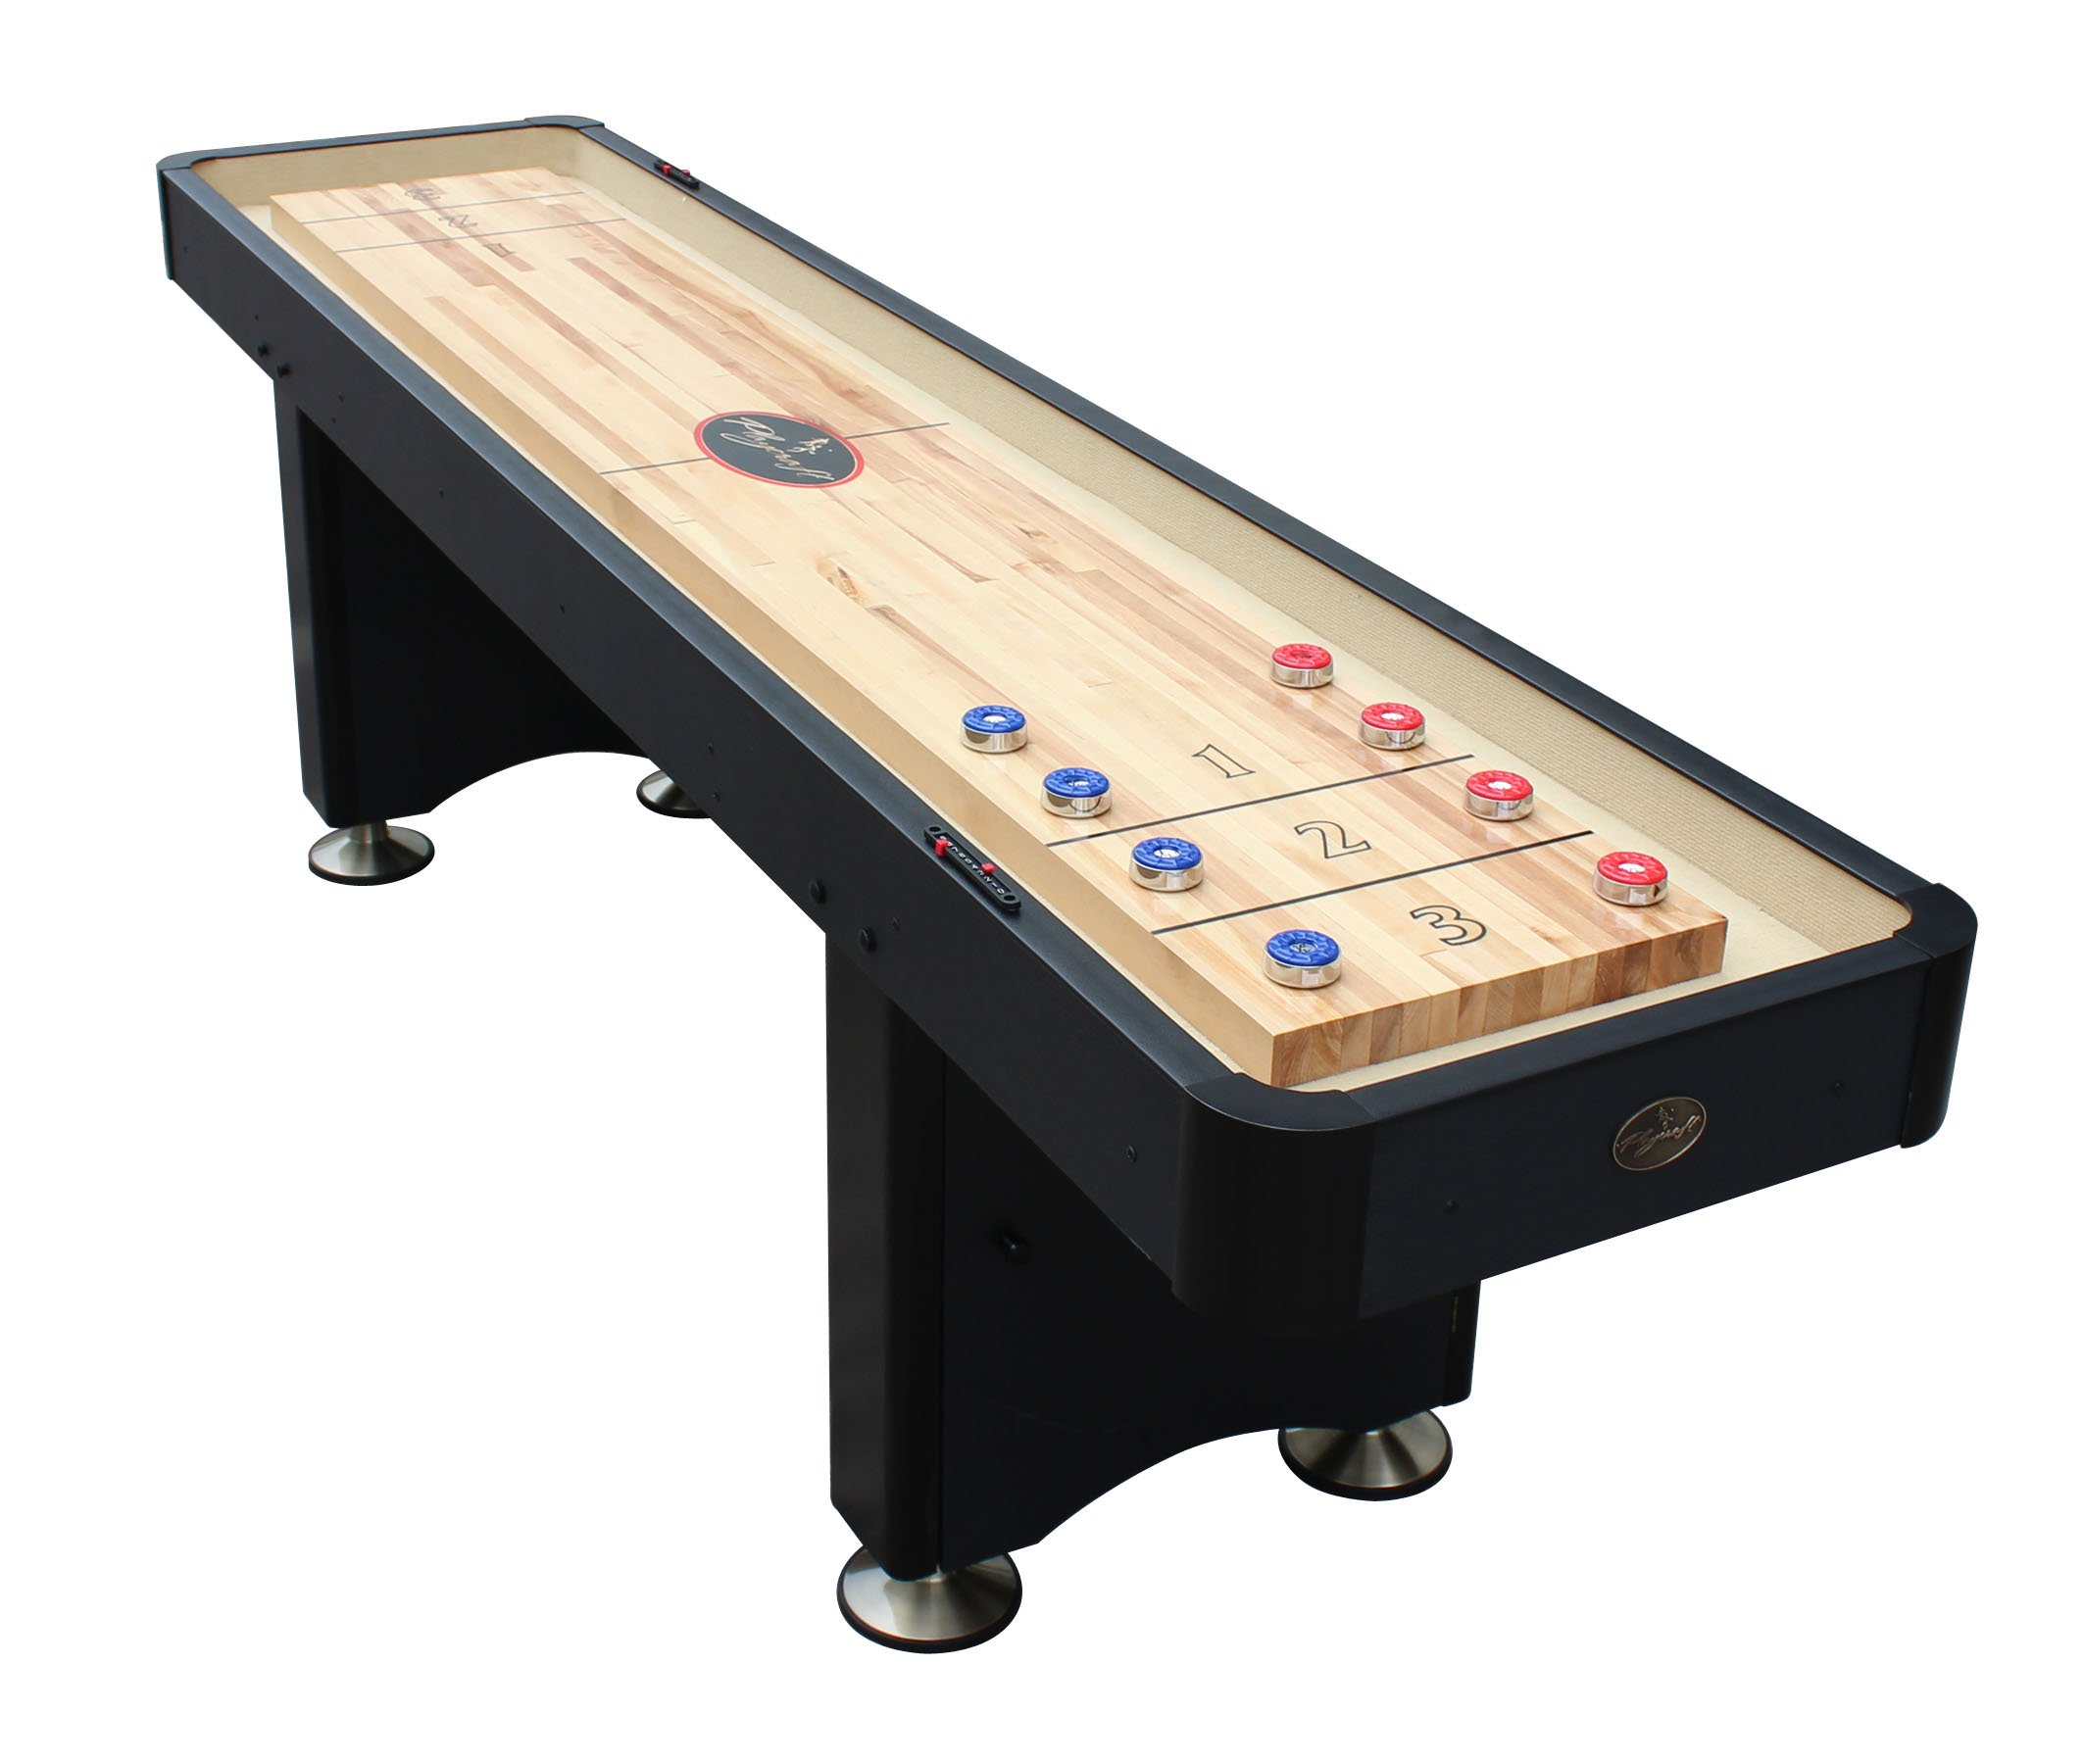 Playcraft Woodbridge Shuffleboard Table, Black, 9' by Playcraft